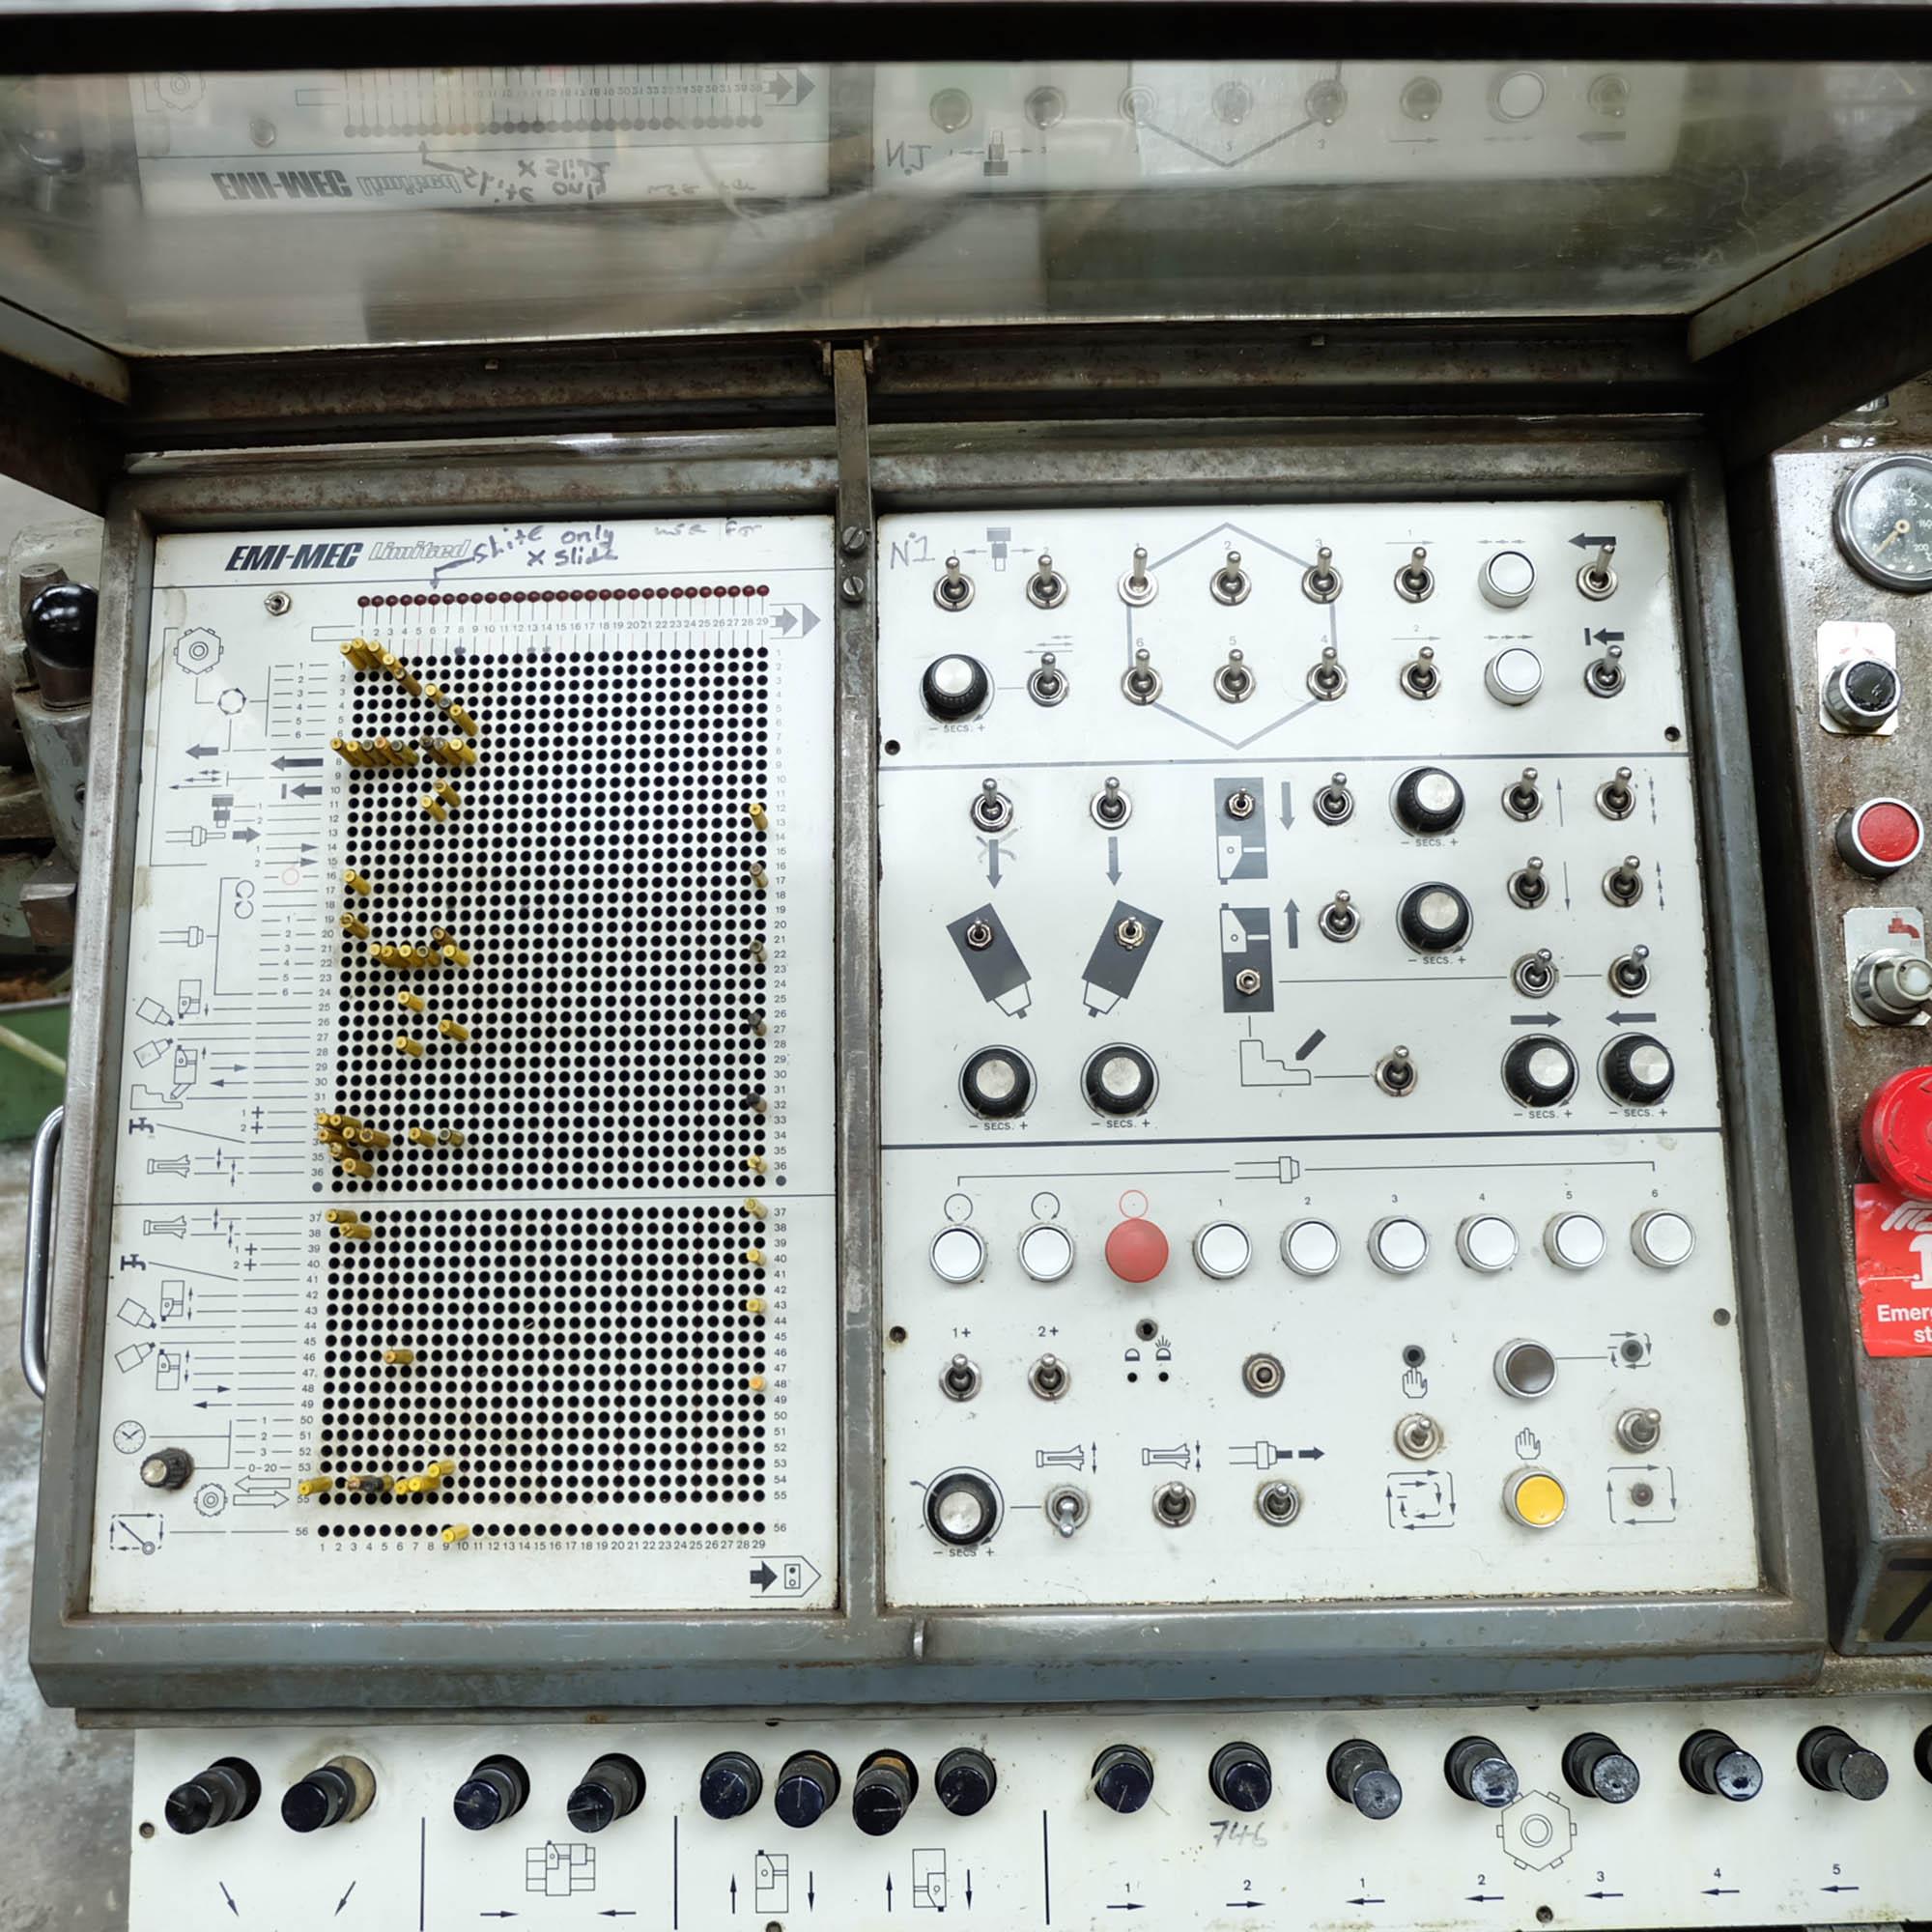 Emi-Mec Auto Sprint 'S' Plugboard Capstan Lathe. - Image 4 of 11